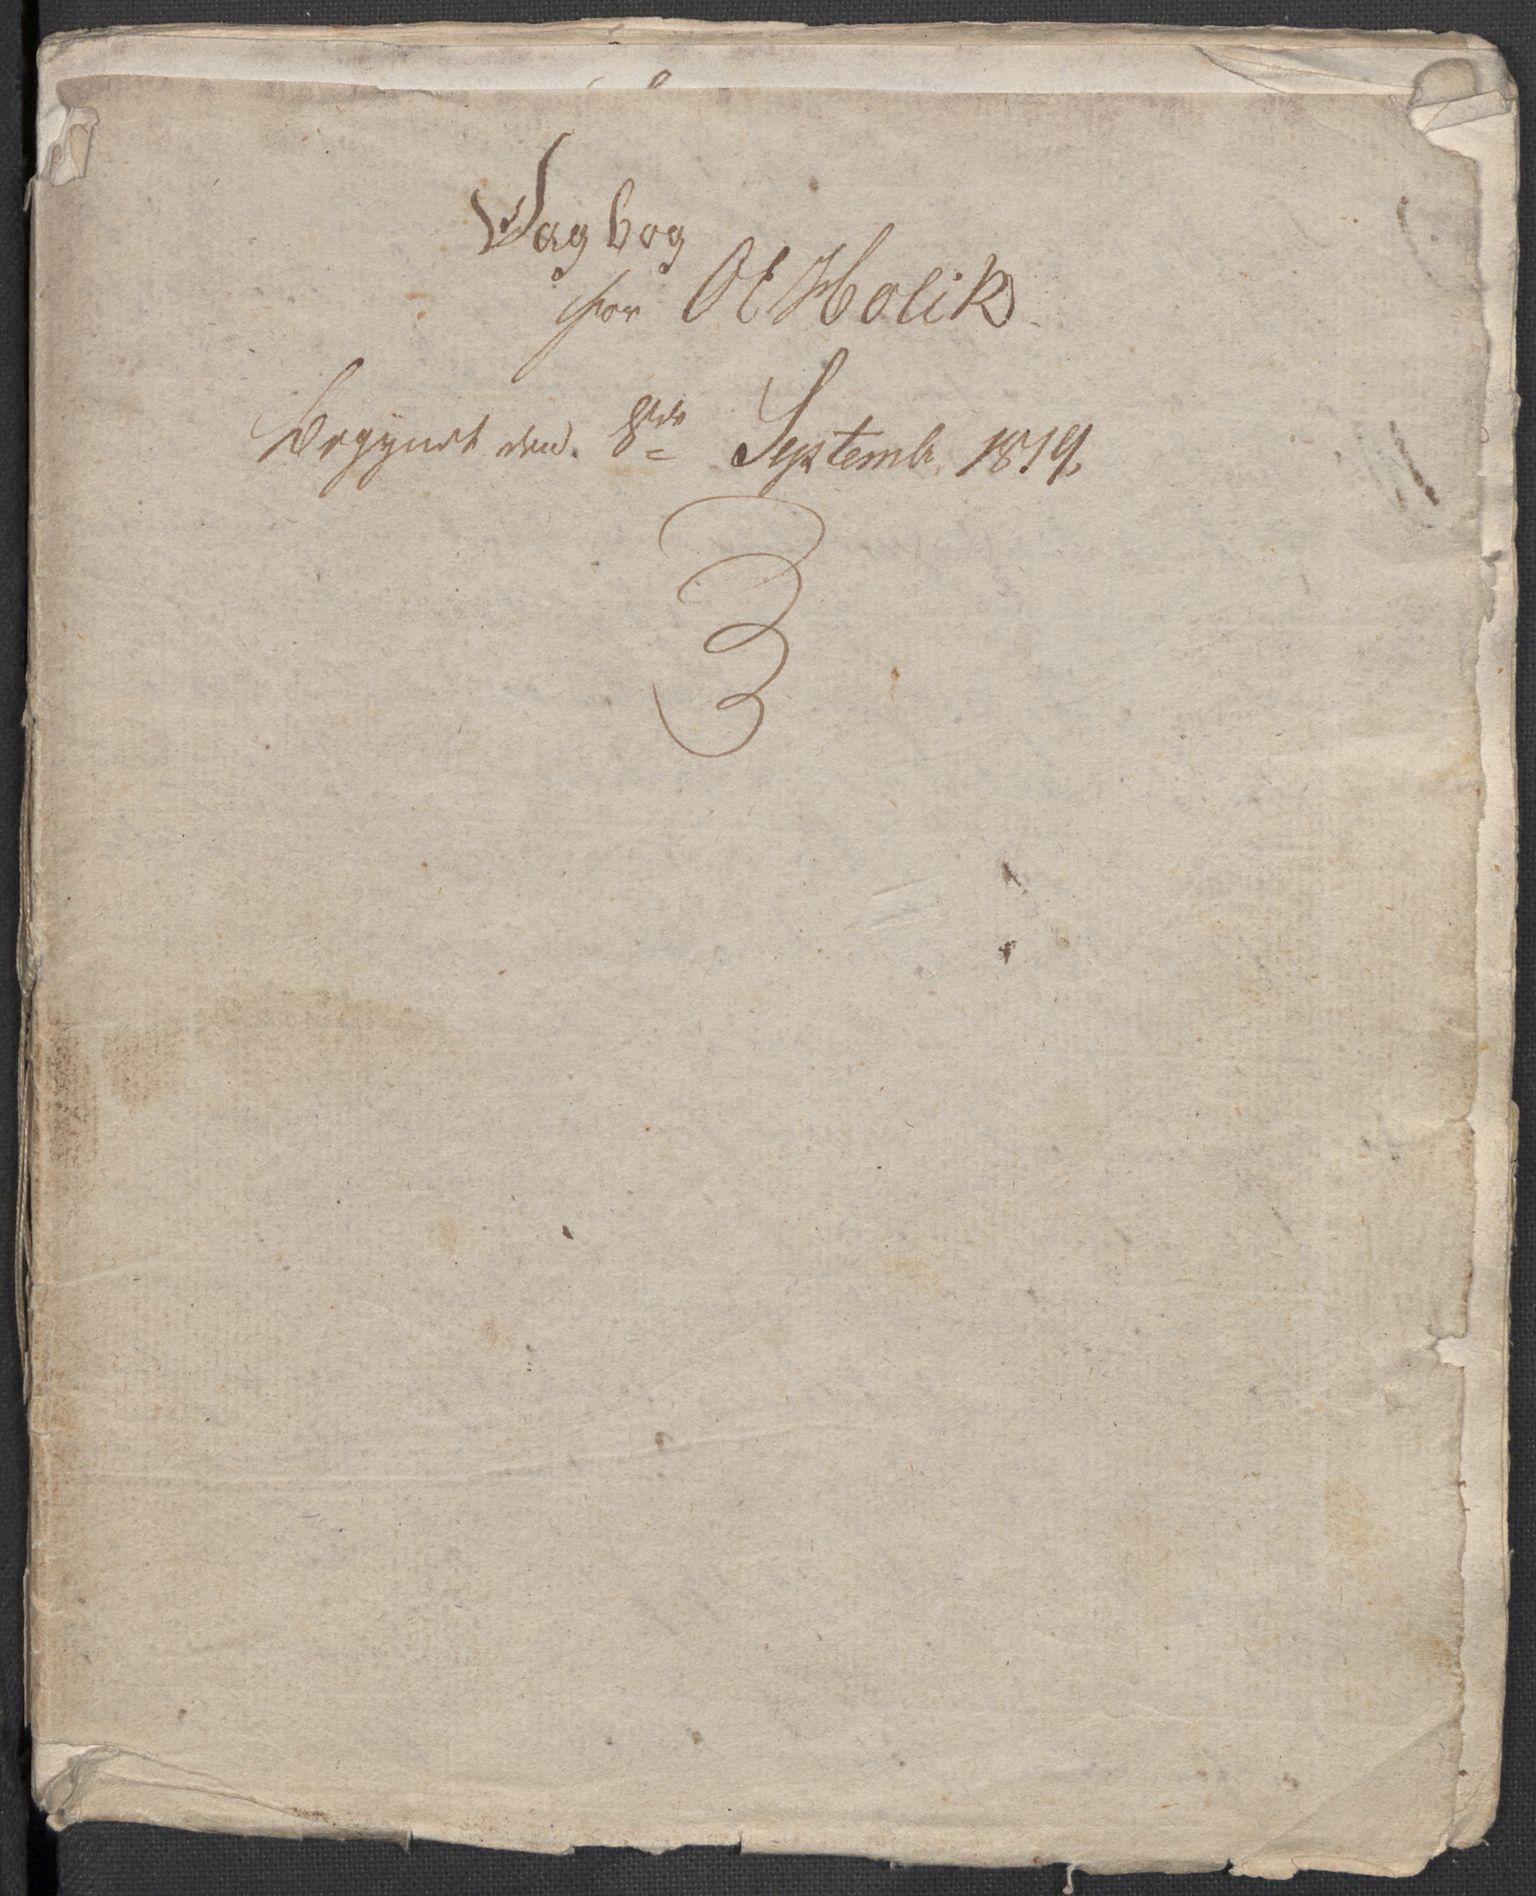 RA, Holck, Meidell, Hartvig, F/L0001: (Kassett) Dagbøker ført av Ole Elias v.Holck, 1798-1842, s. 424